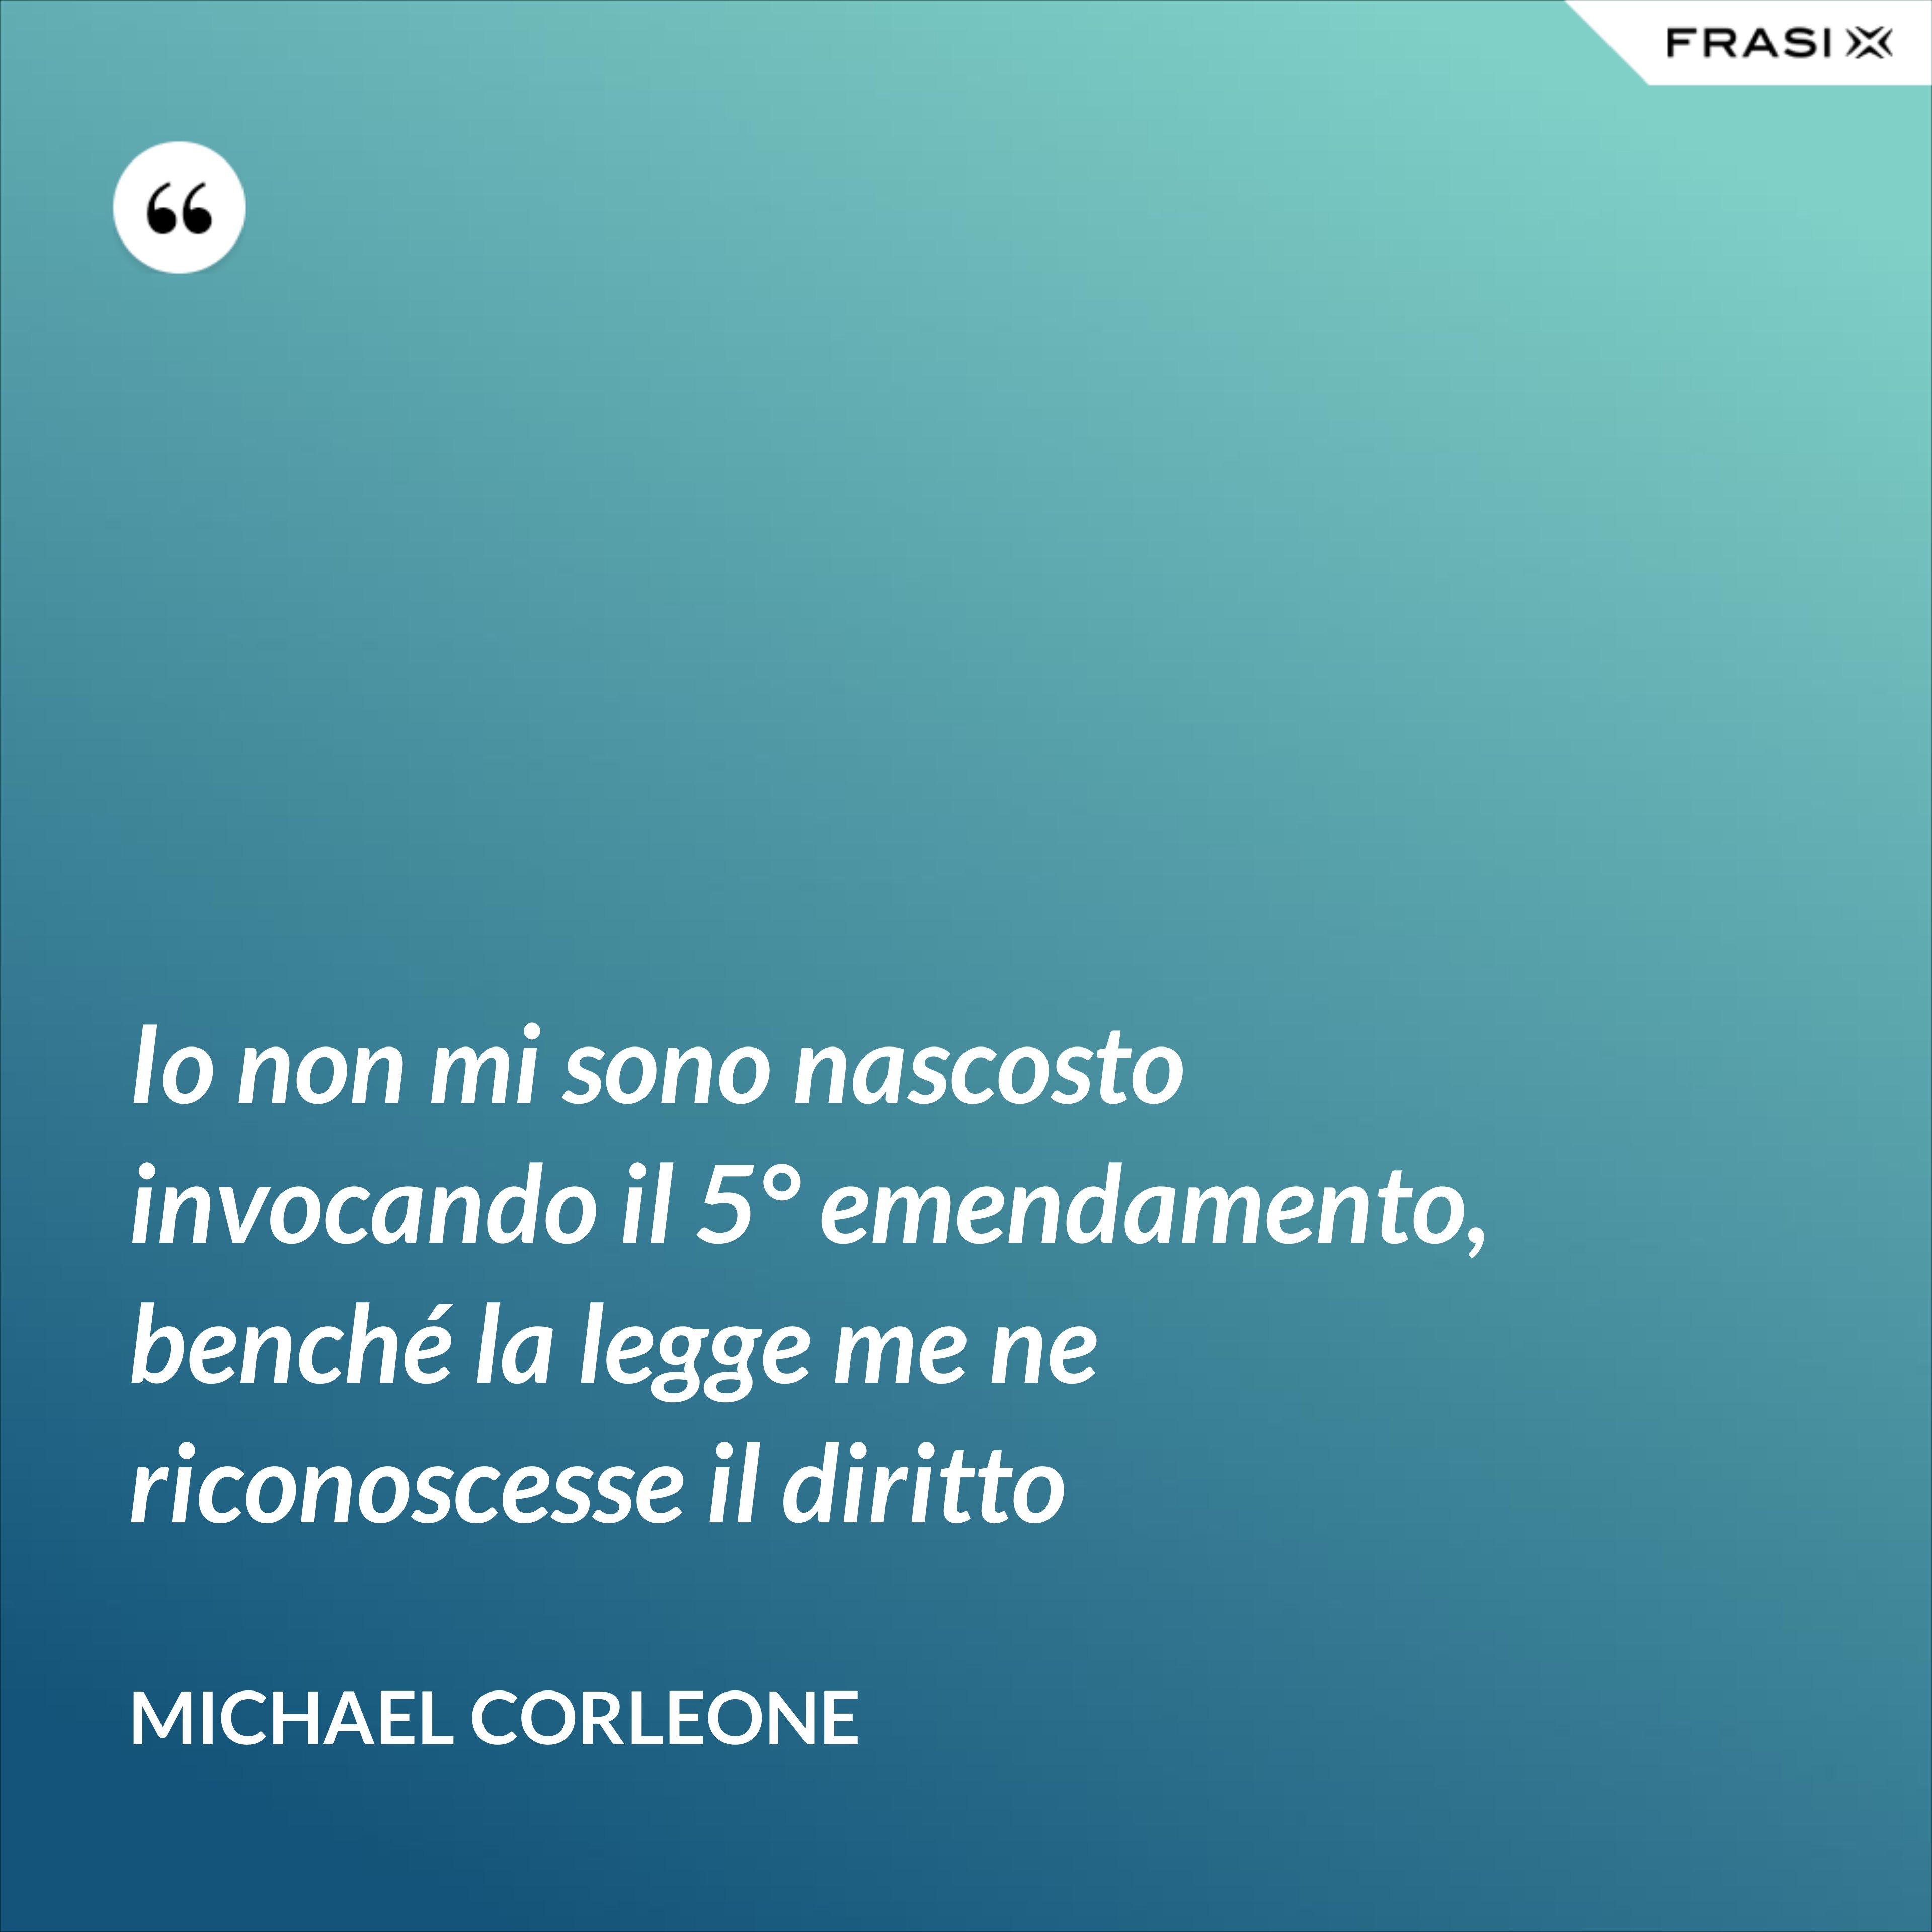 Io non mi sono nascosto invocando il 5° emendamento, benché la legge me ne riconoscesse il diritto - Michael Corleone